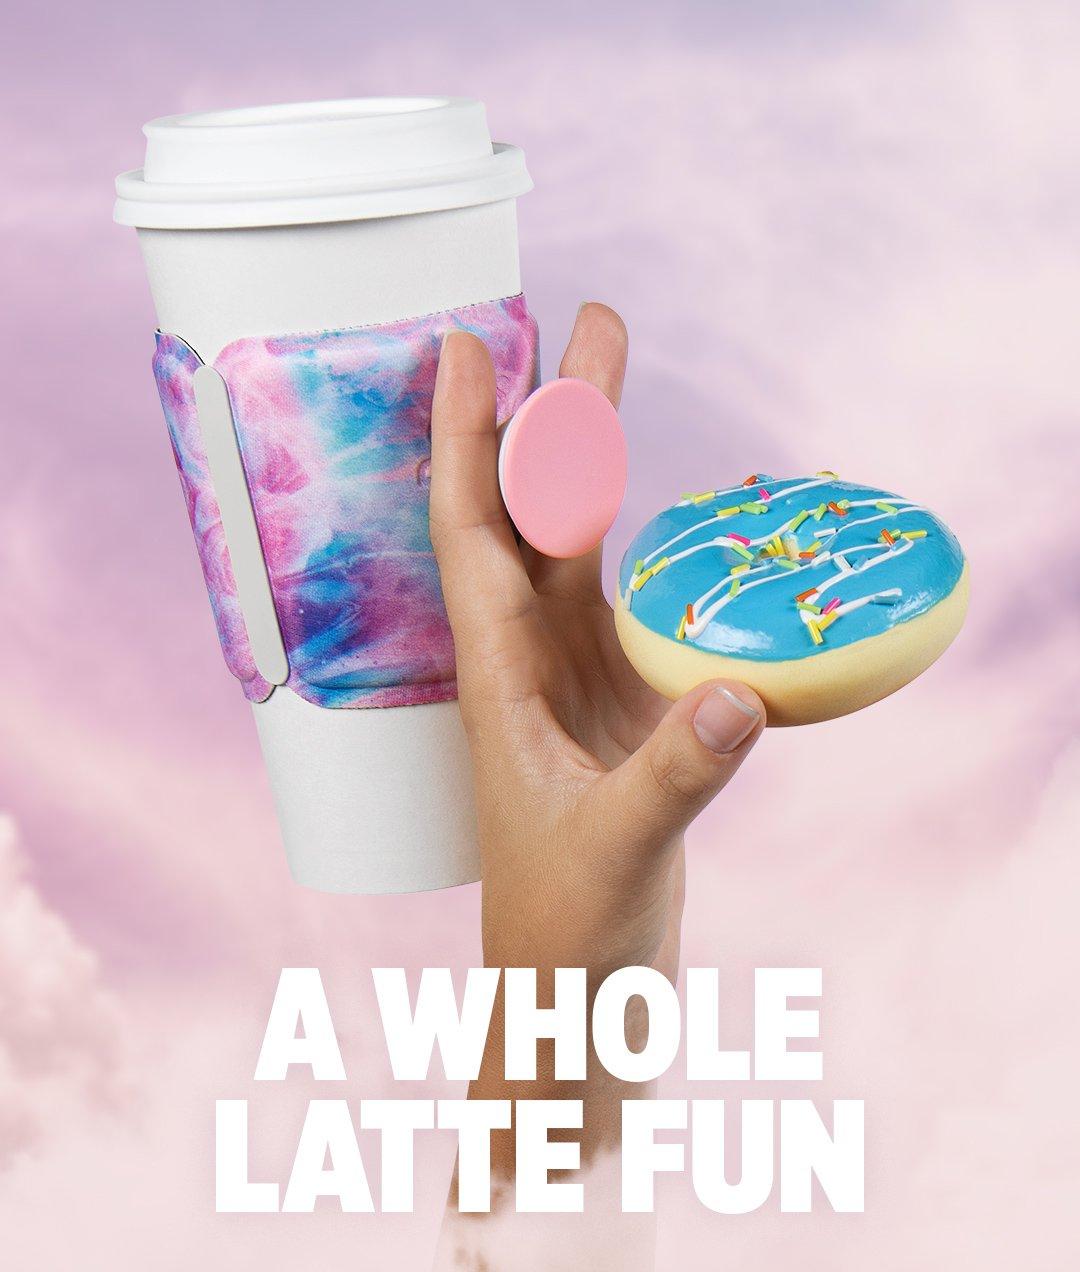 A whole latte fun